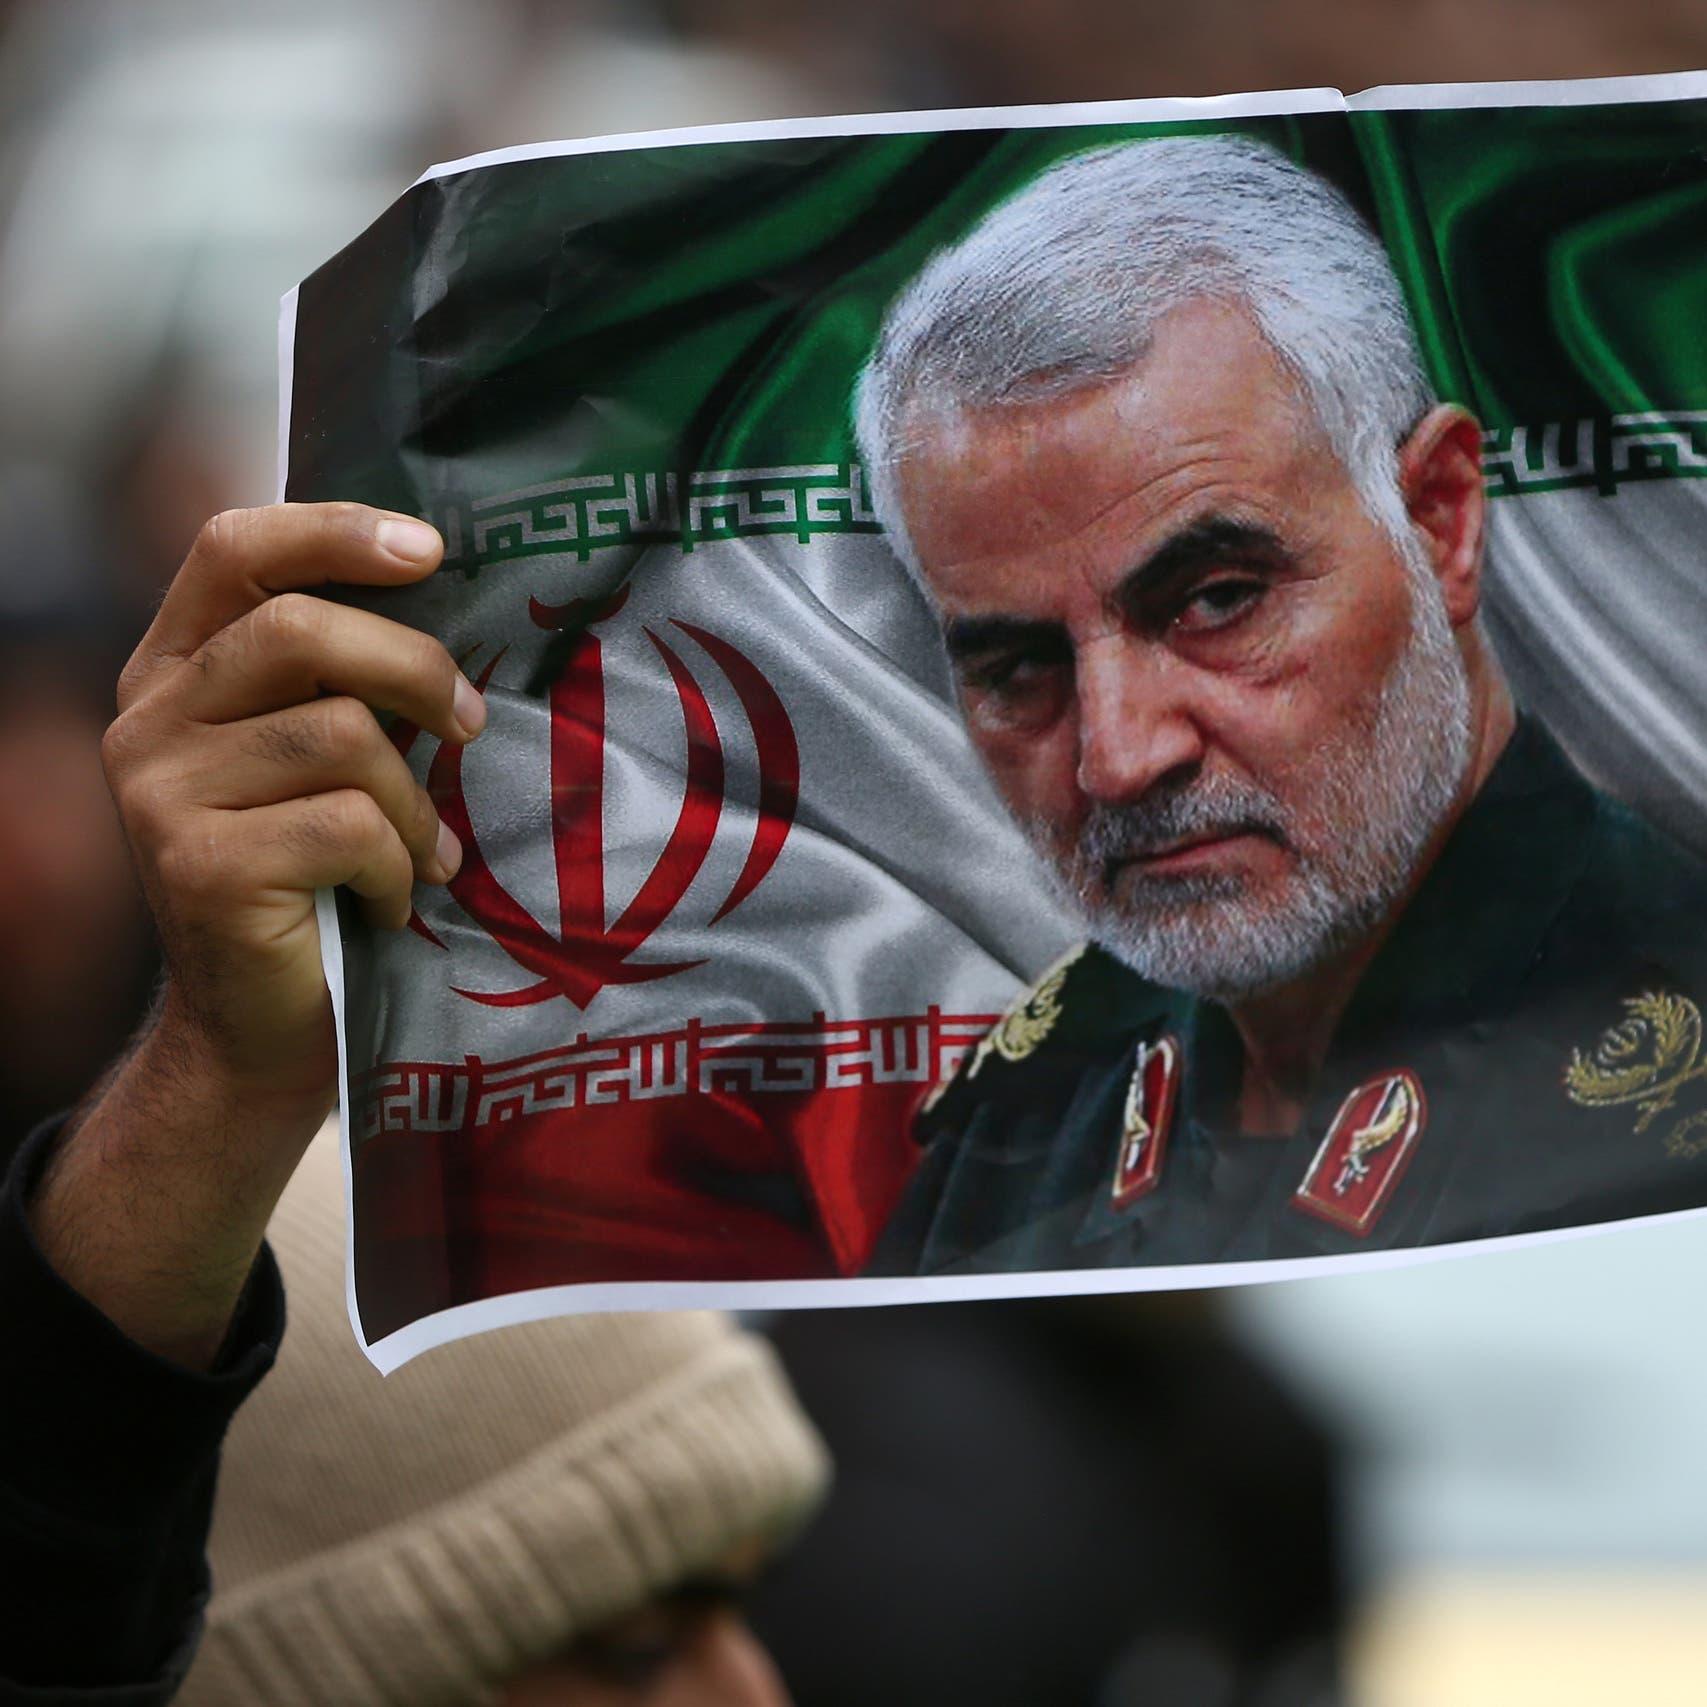 خبراء إسرائيليون: إيران قد تنتقم لسليماني بعد تنصيب بايدن